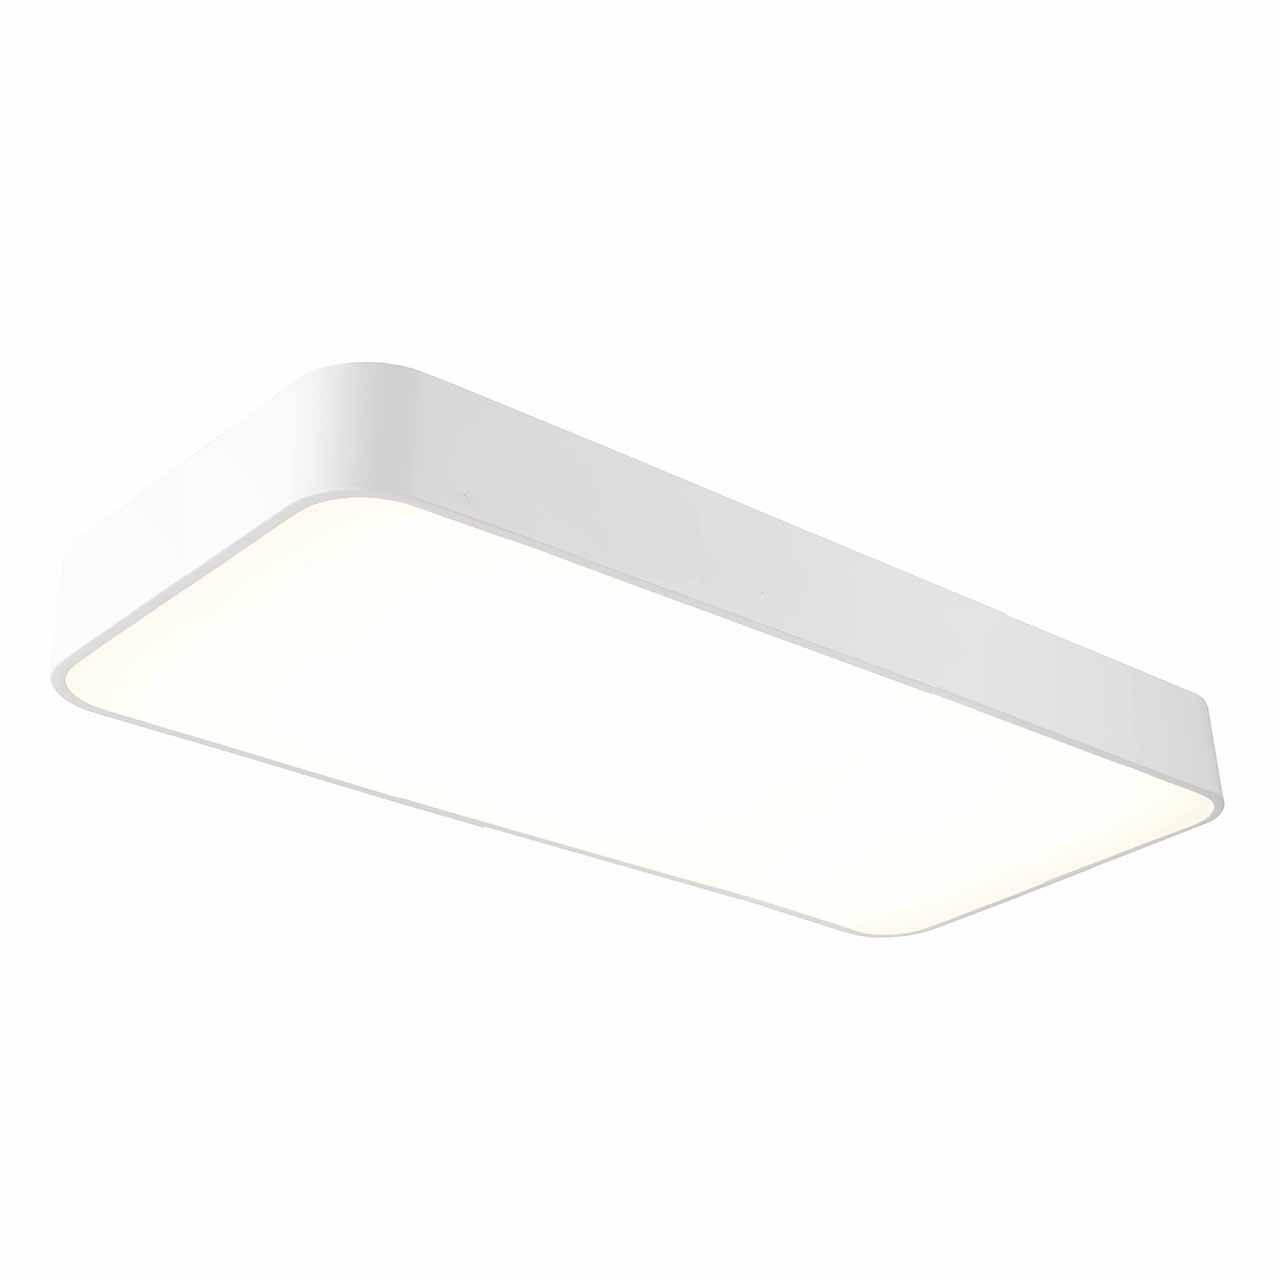 Потолочный светильник Mantra 5501, LED, 50 Вт потолочный светодиодный светильник mantra cumbuco 5501